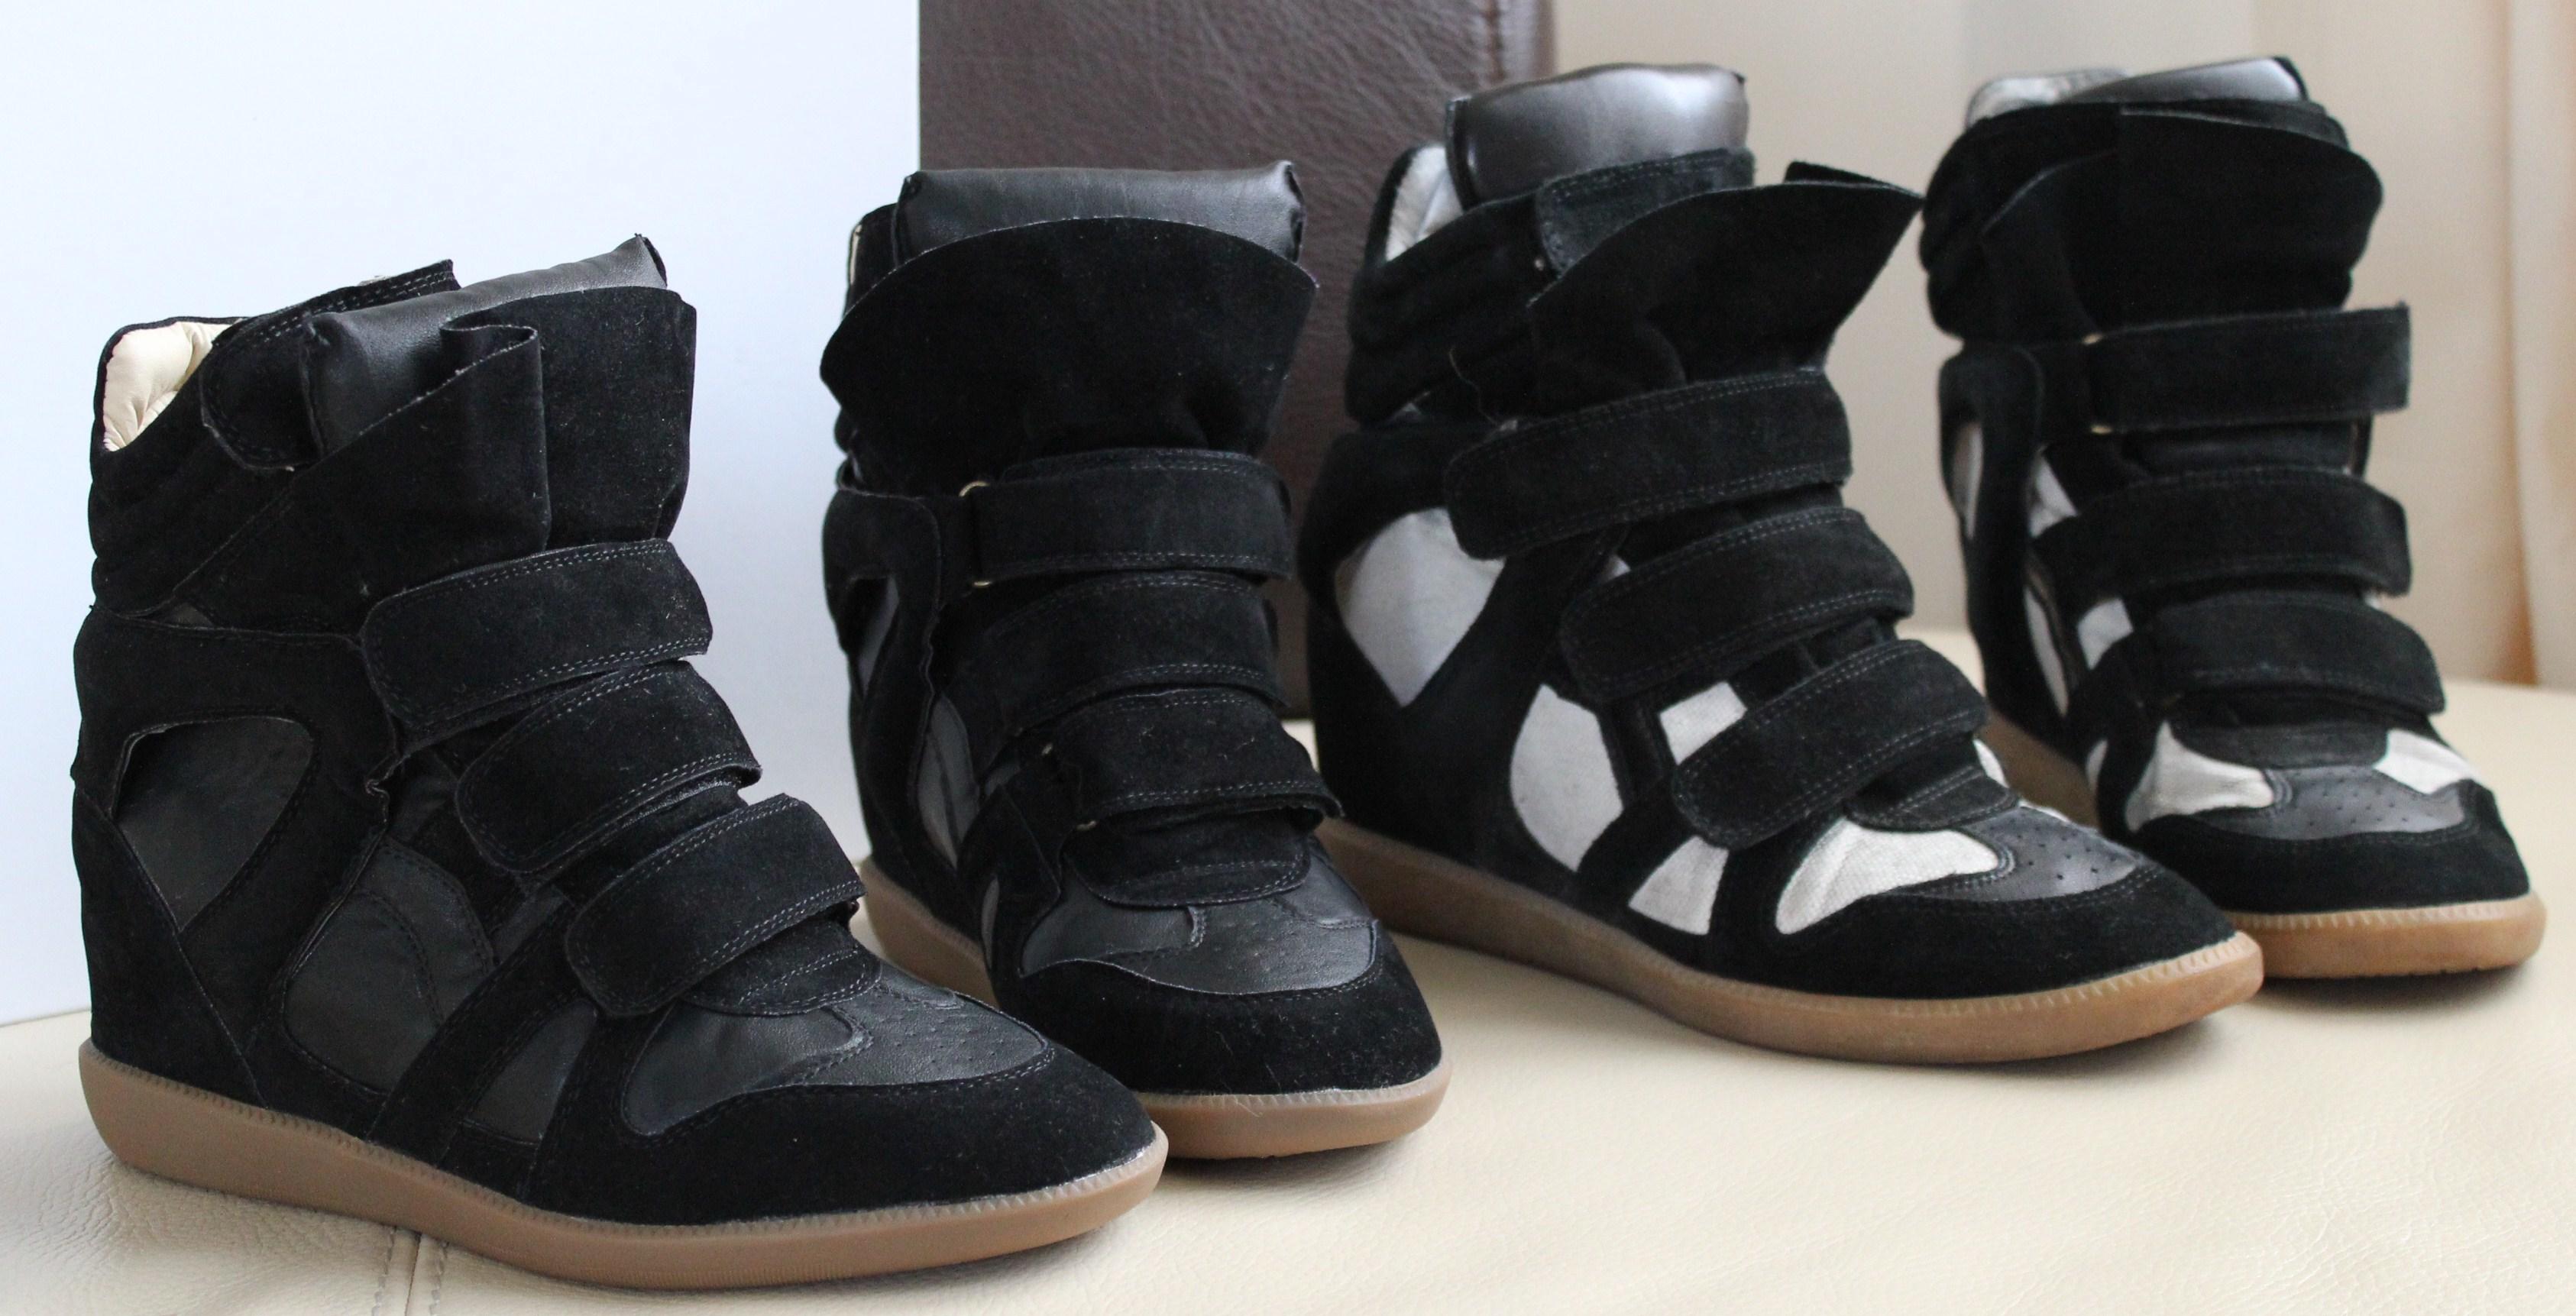 sneakers isabel marant imitation une parenth se mode. Black Bedroom Furniture Sets. Home Design Ideas